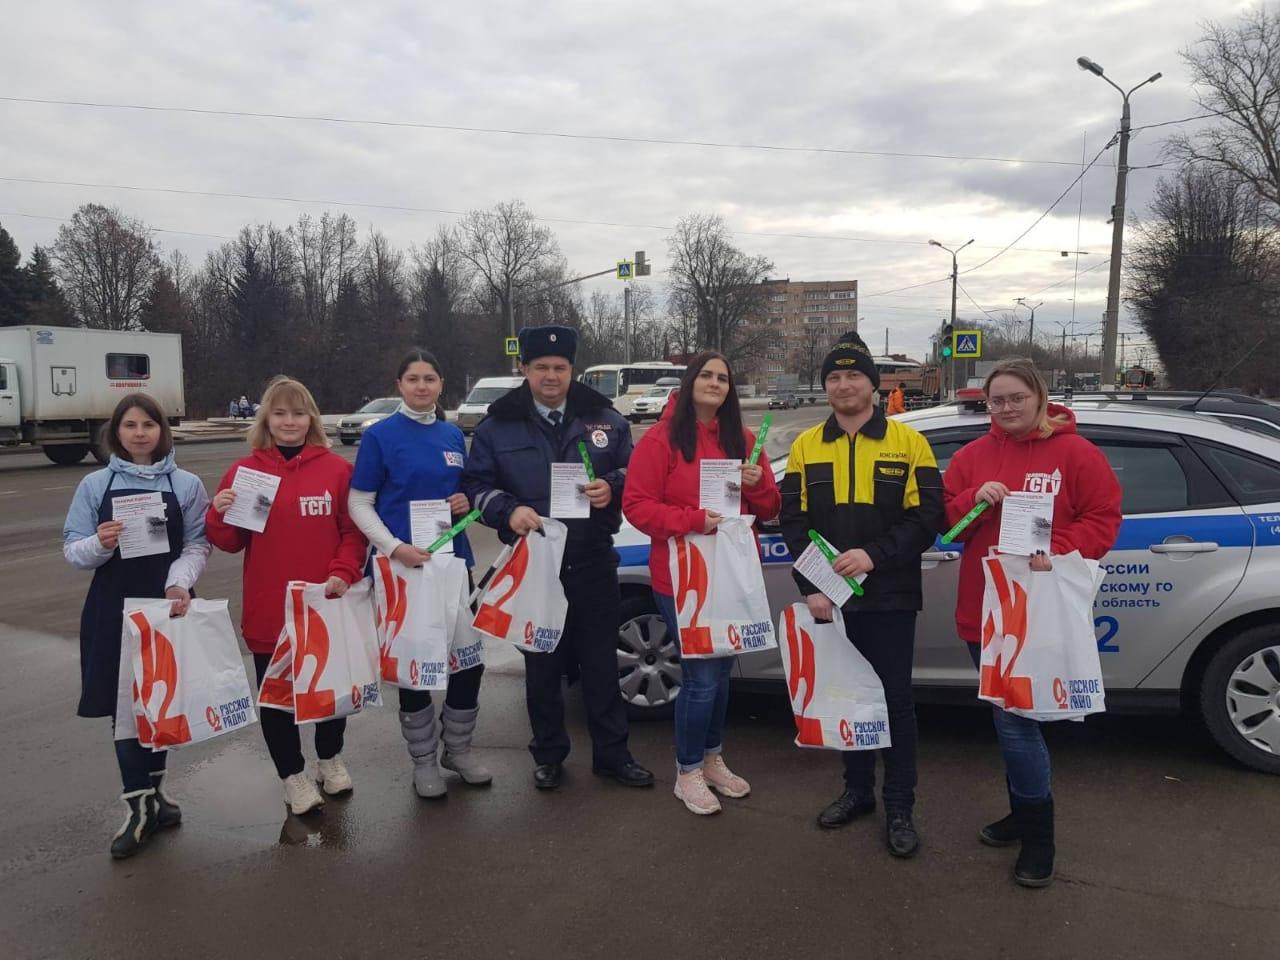 Новости Коломны   Коломенских водителей поздравили с праздником Фото (Коломна)   iz zhizni kolomnyi